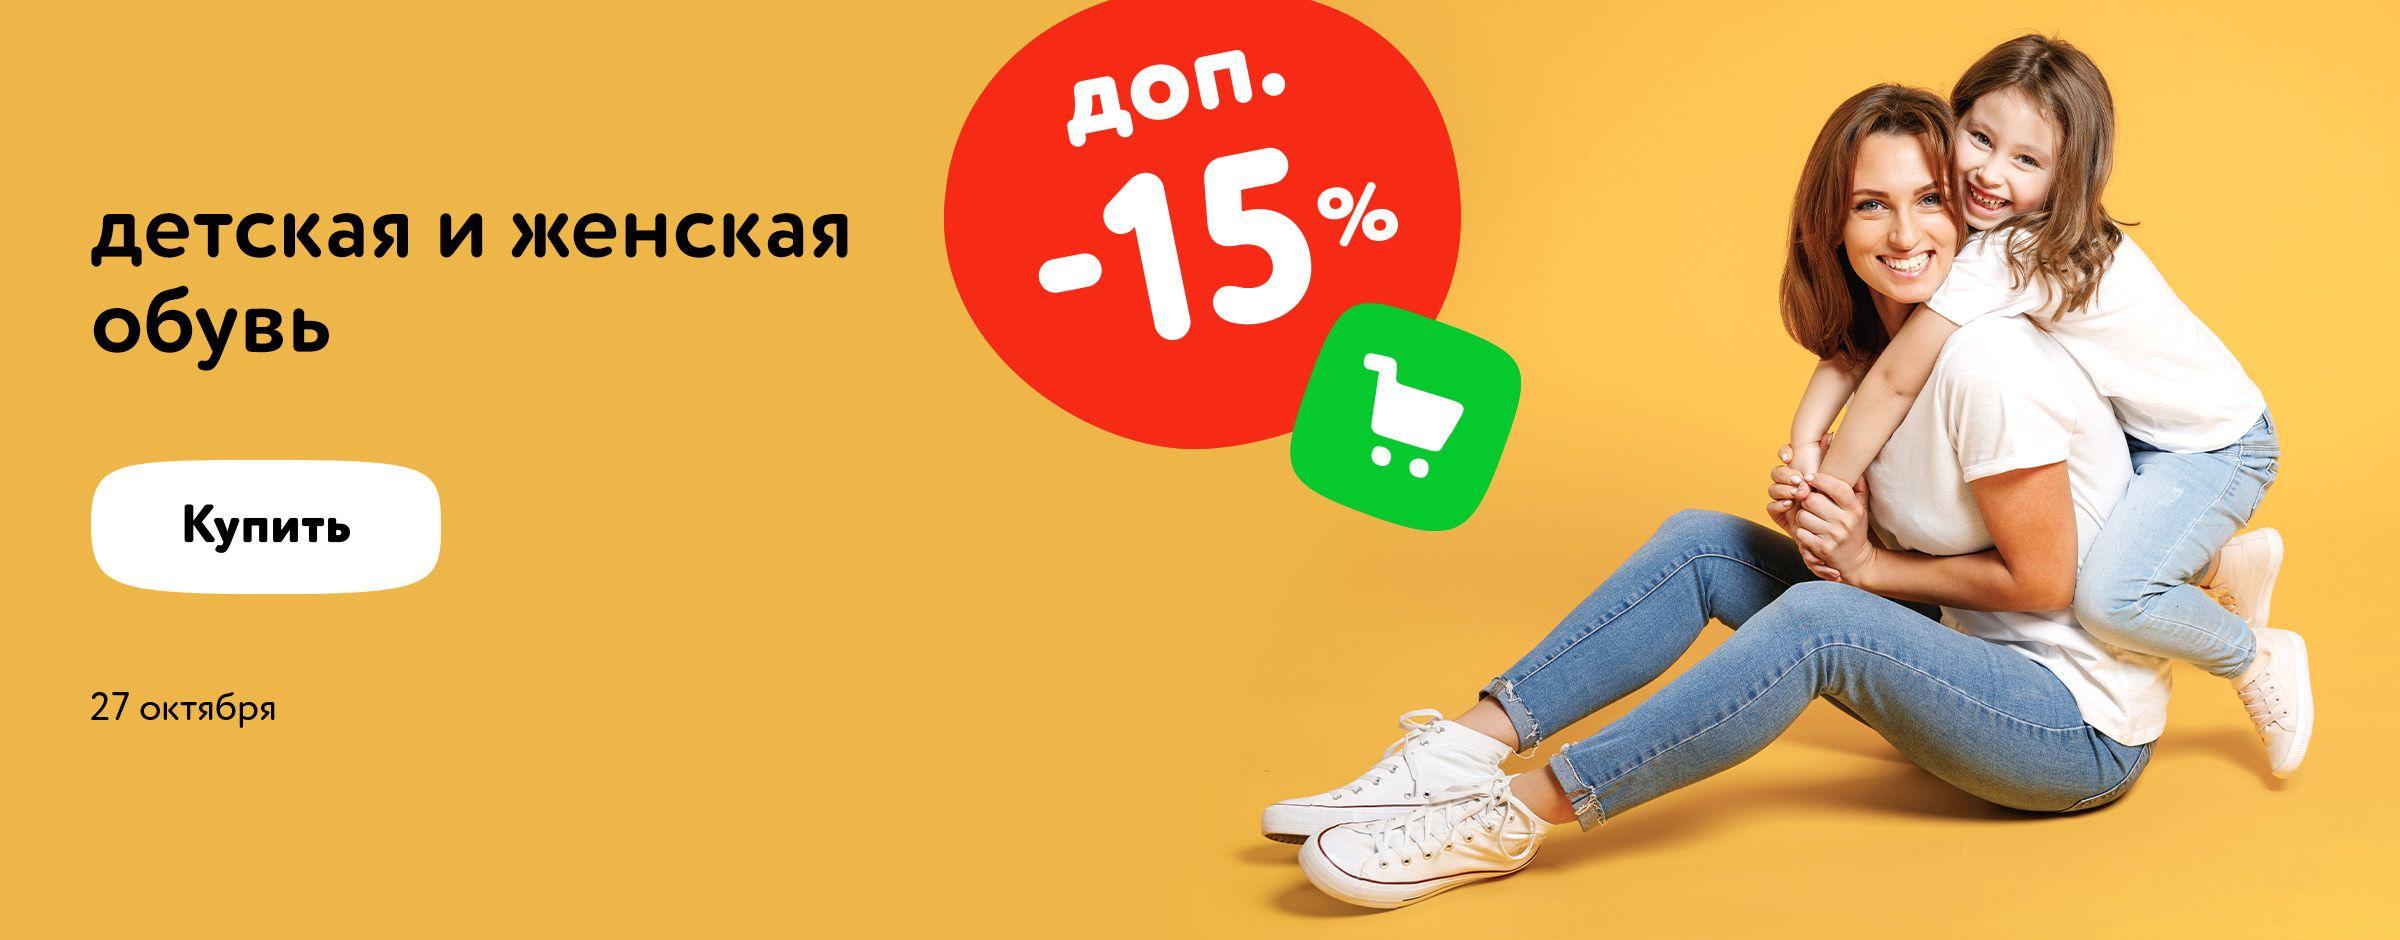 Скидка 15% на детскую и женскую обувь в корзине